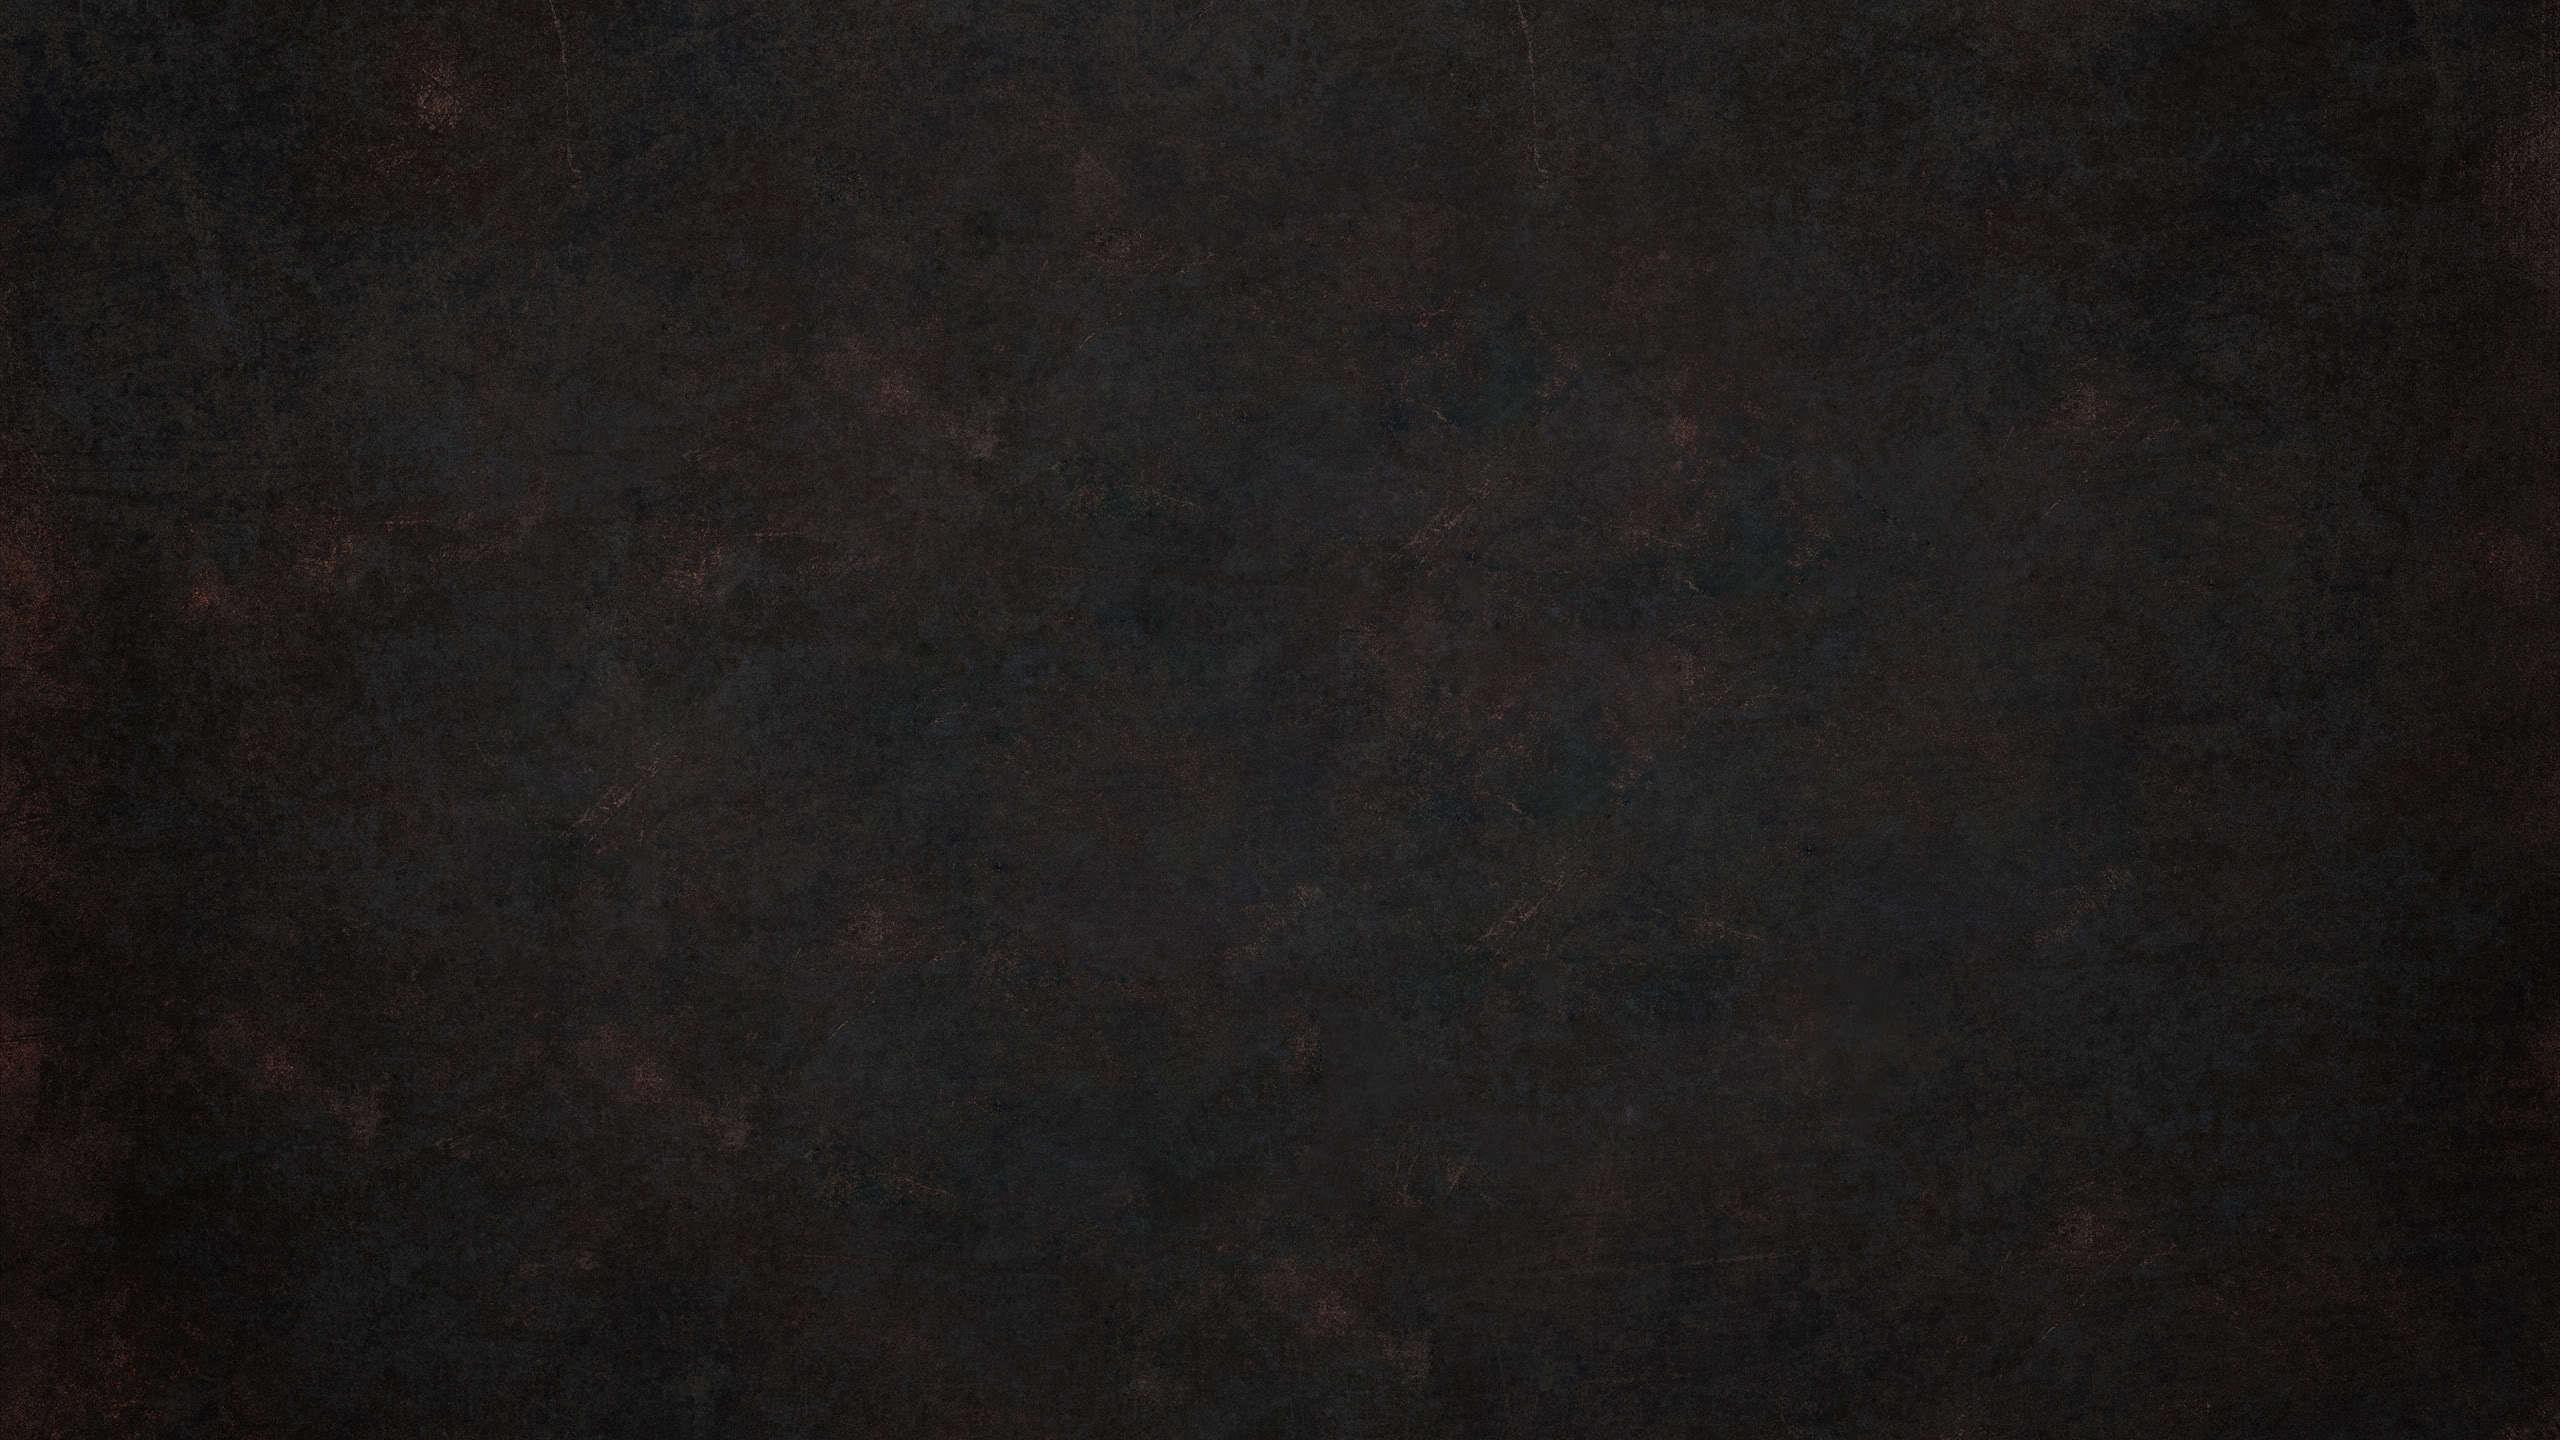 2560x1440 Wallpaper grunge surface dark background 2560x1440